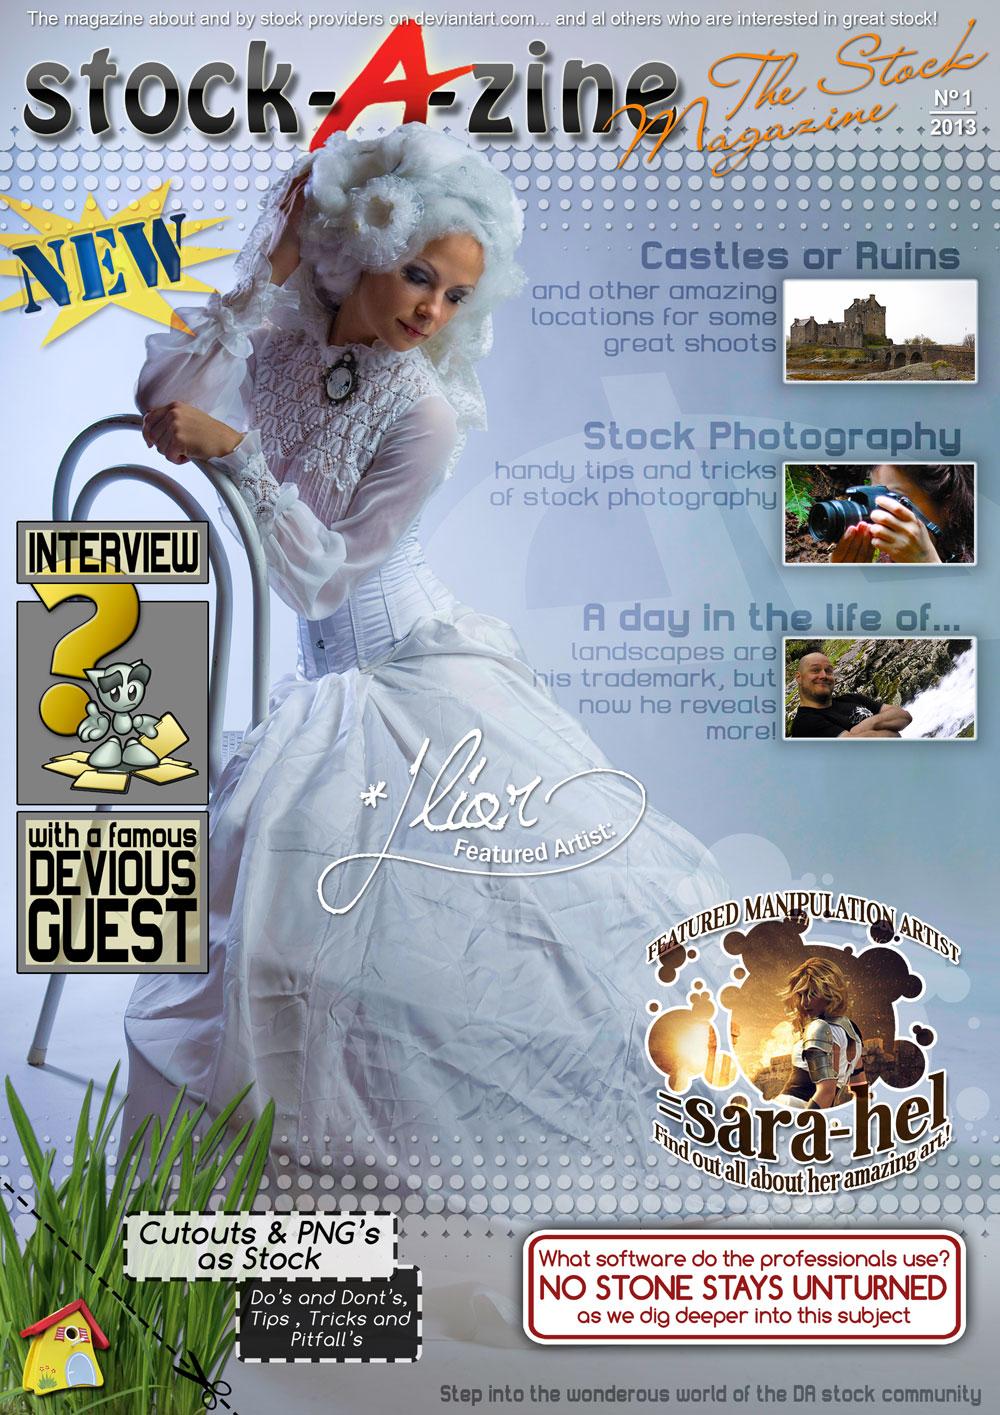 Magazine Concept by Khudozhnik-Stock